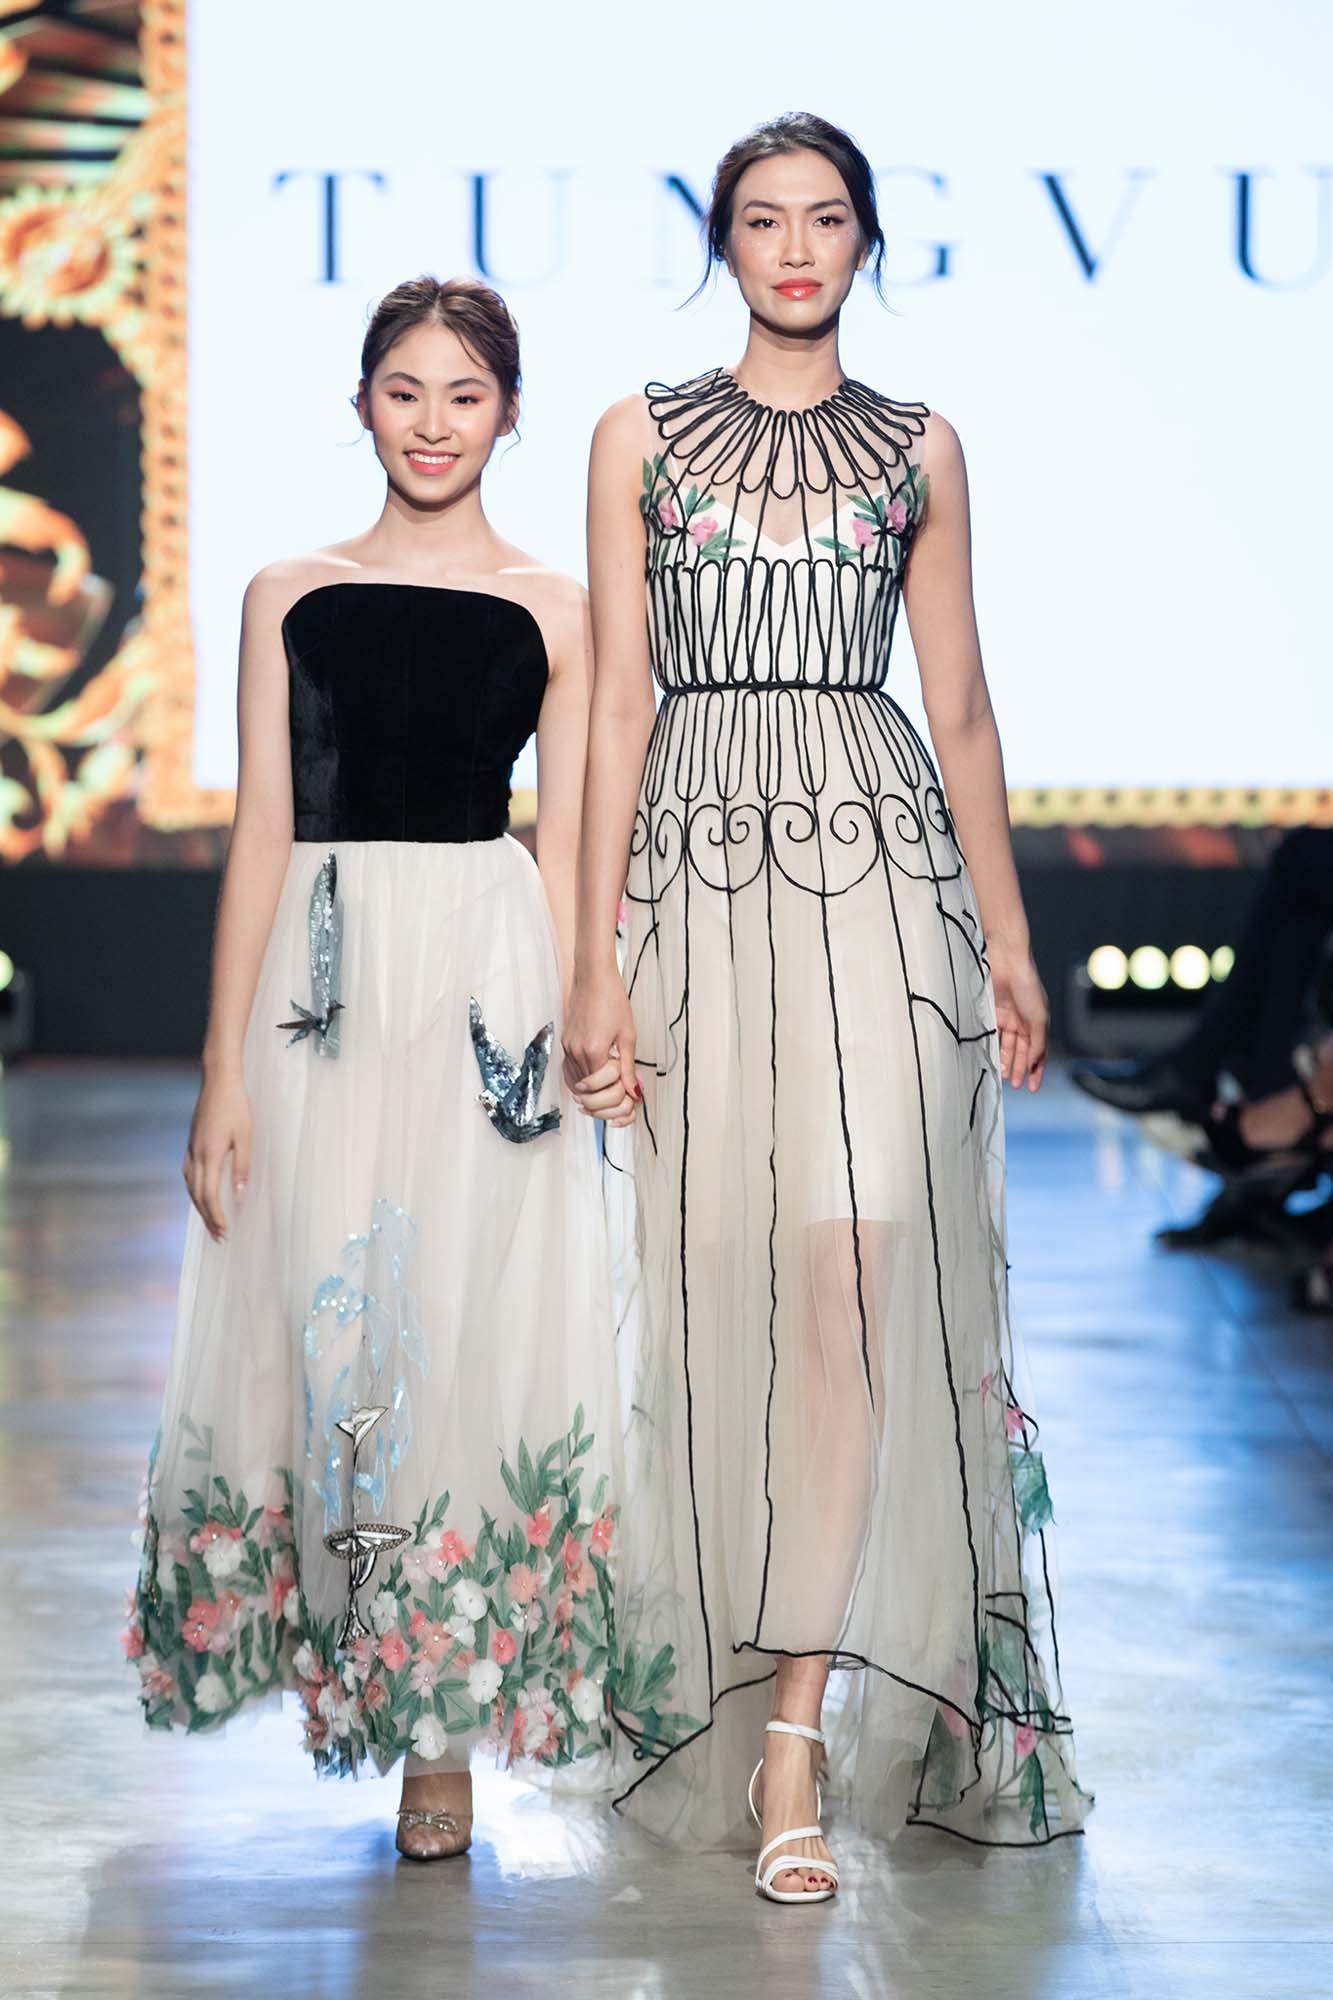 Mix & Phối - Mẫu nhí Bảo Hà catwalk với trăn khổng lồ, Á hậu Thúy Vân diện crop top khoe vòng eo sau sinh 2 tháng tại Fashion Festival 2020 - chanvaydep.net 3